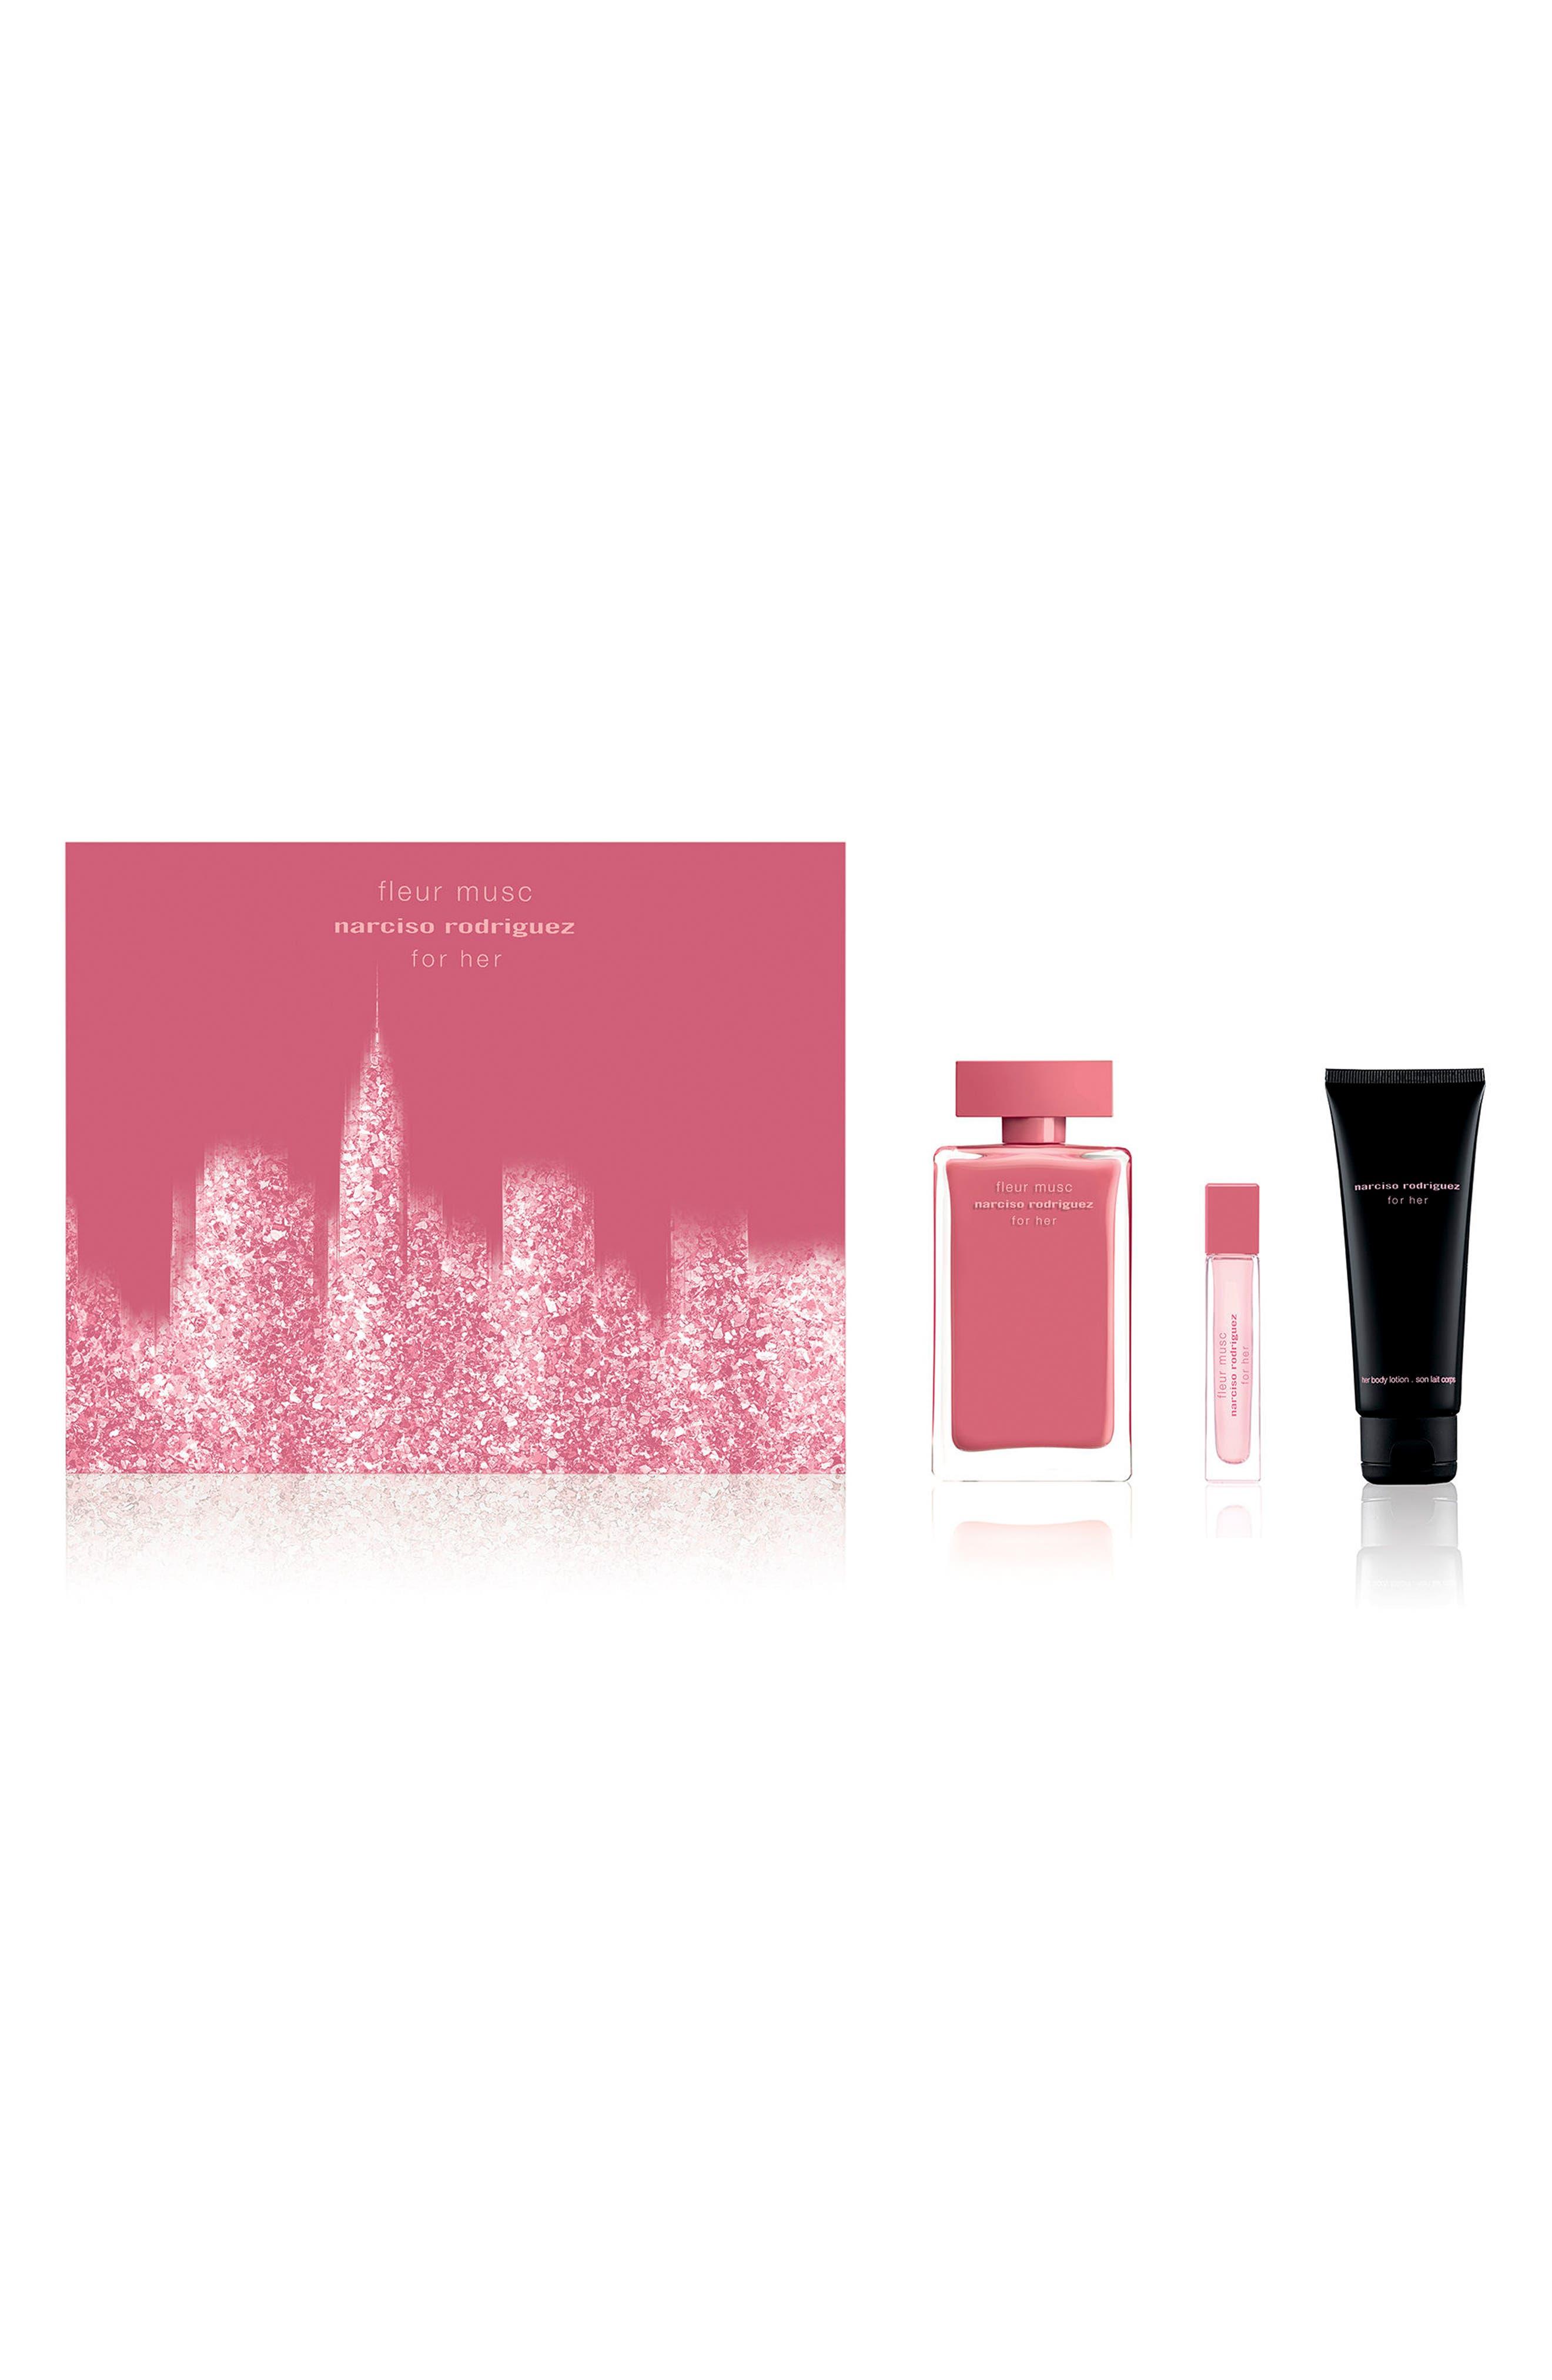 Narciso Rodriguez For Her Fleur Musc Eau de Parfum Set ($170 Value)